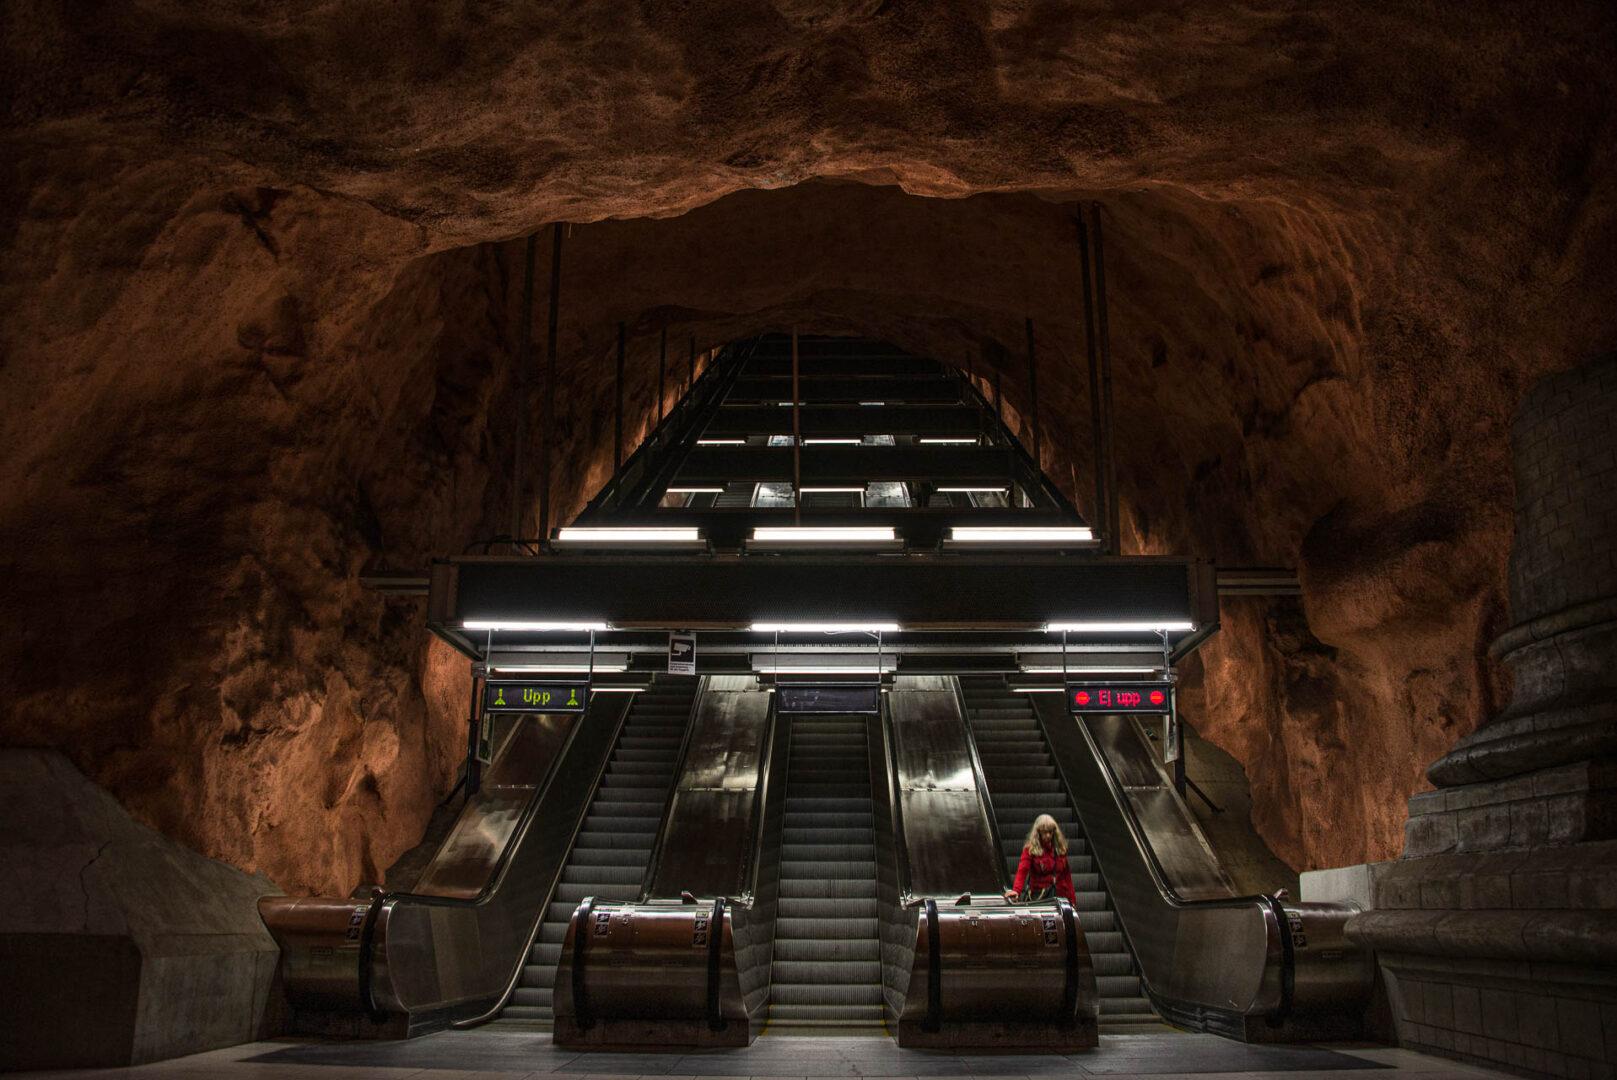 Instagramvänliga platser Stockholm, Centrum, Kungsträdgårdens tunnelbanestation